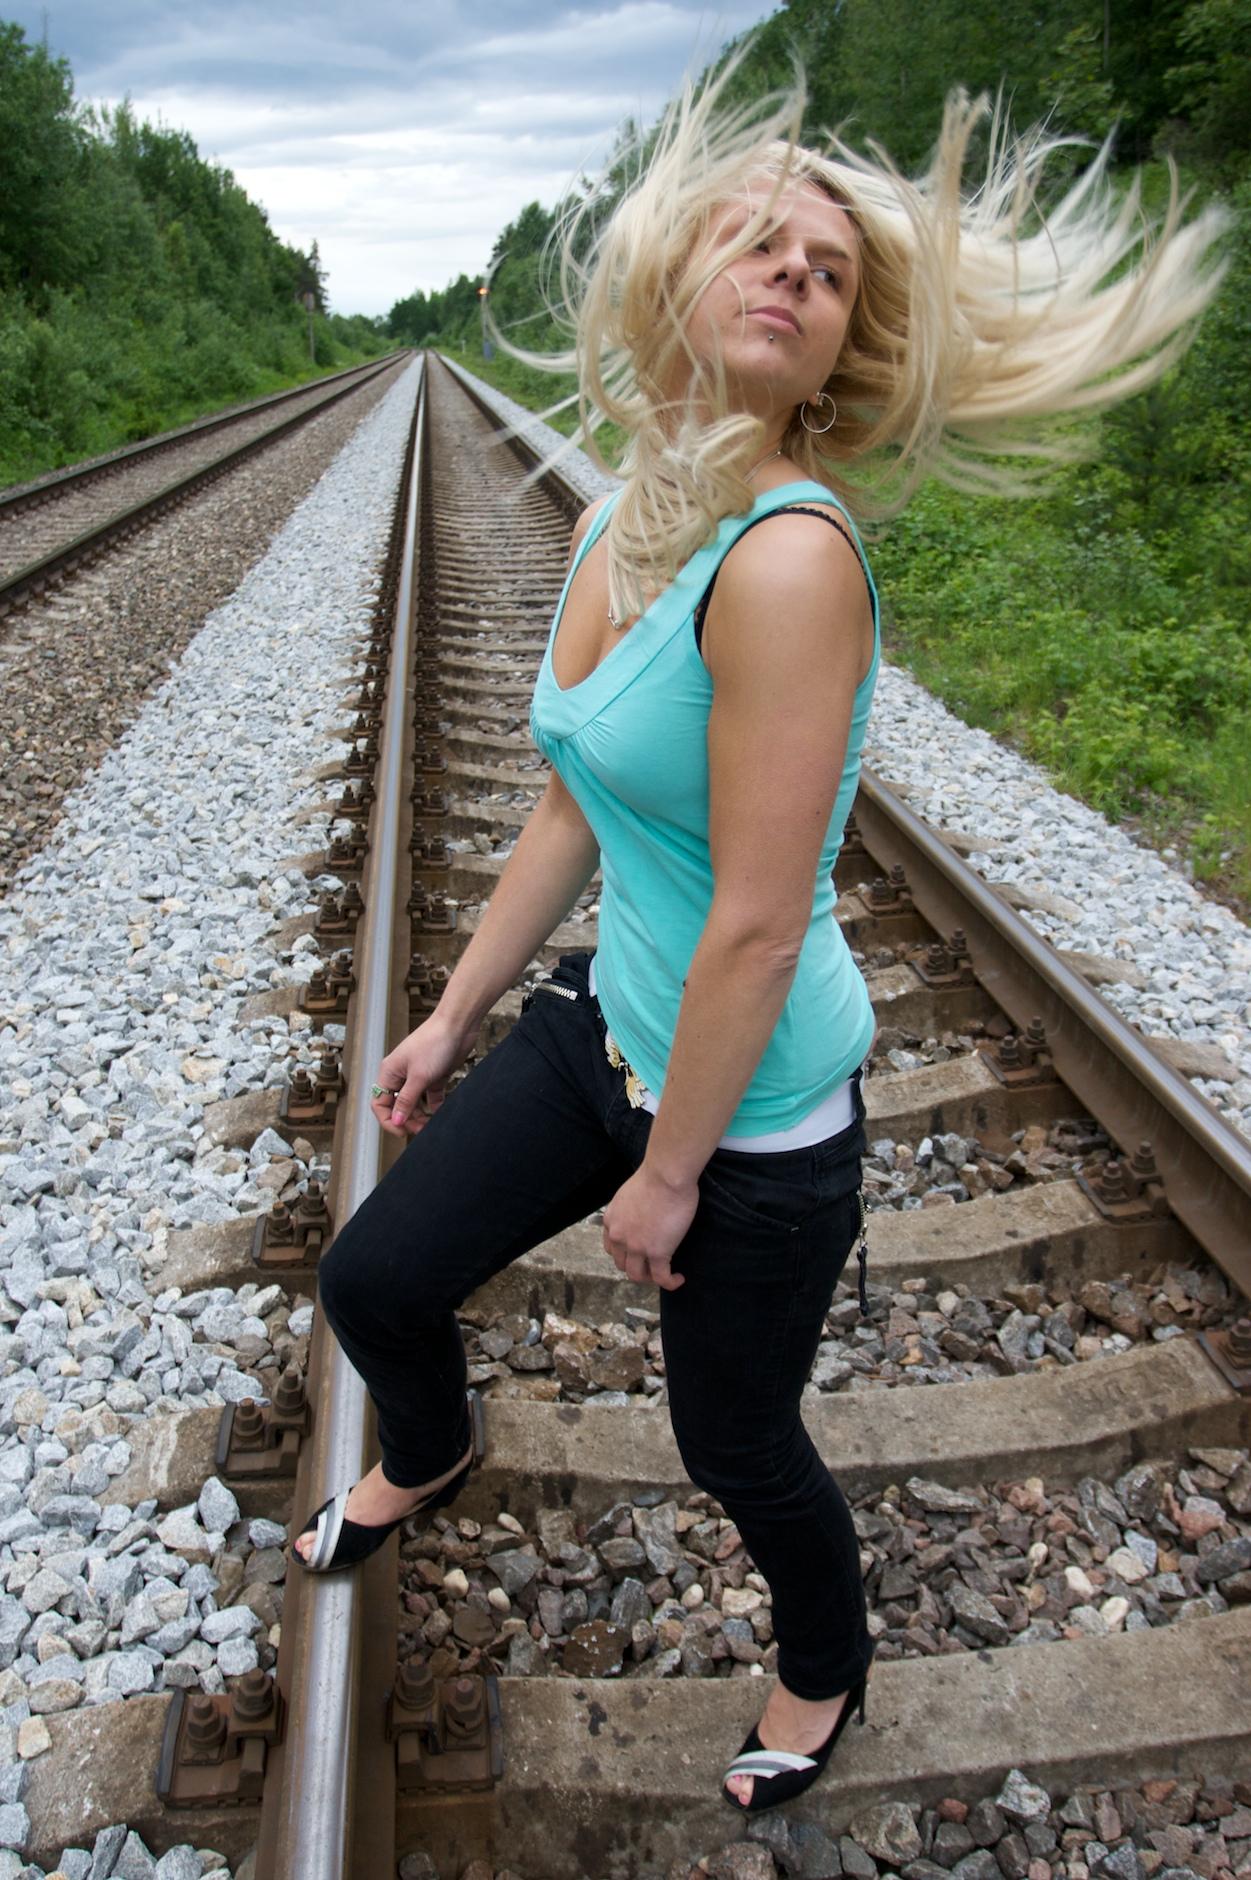 fileblond woman on rail tracks 02jpg wikimedia commons